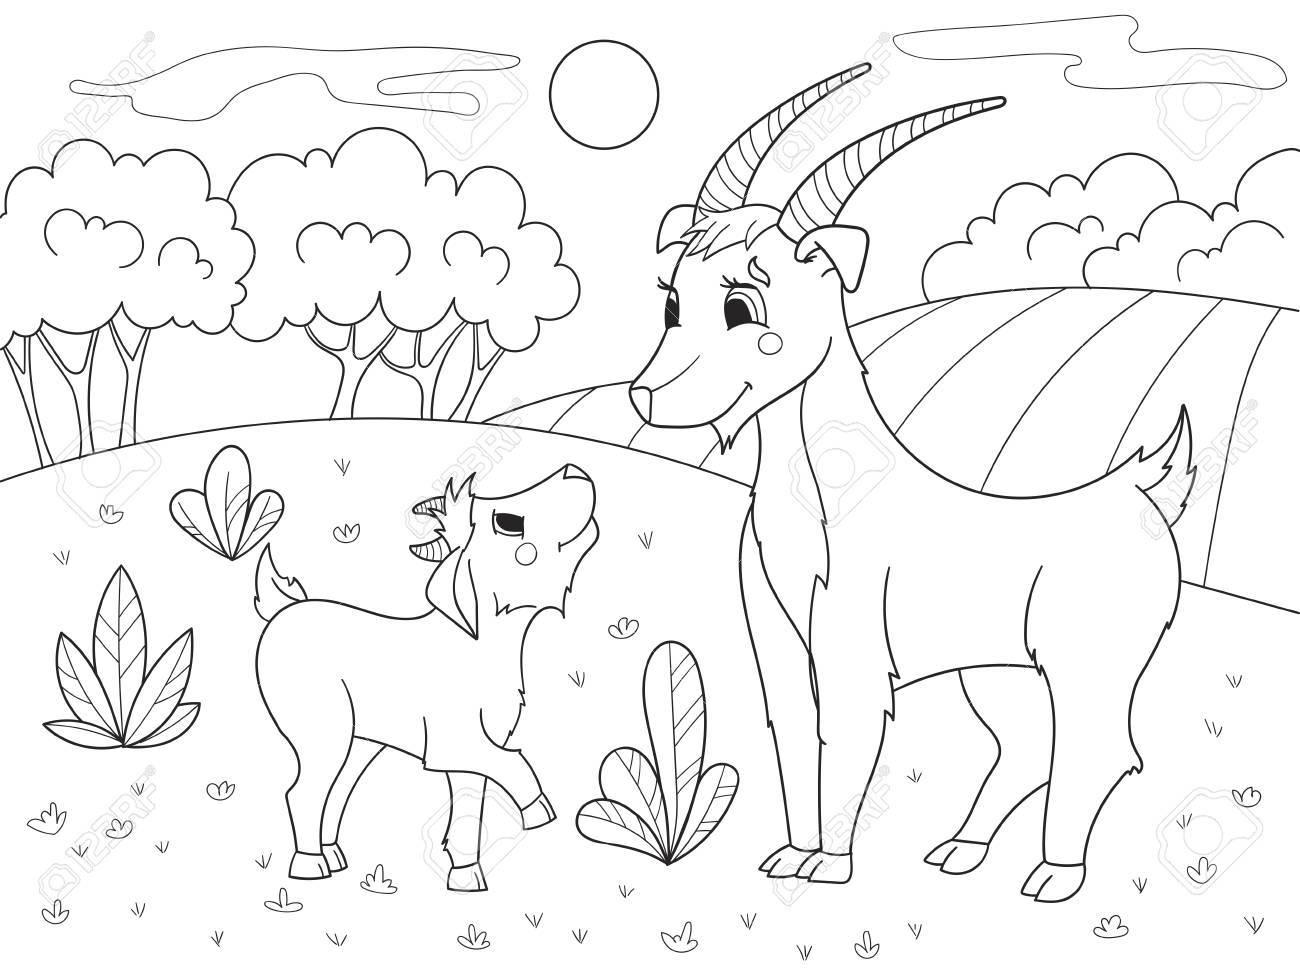 Libro Para Colorear De Dibujos Animados Para Niños Una Familia De Cabras En Un Prado